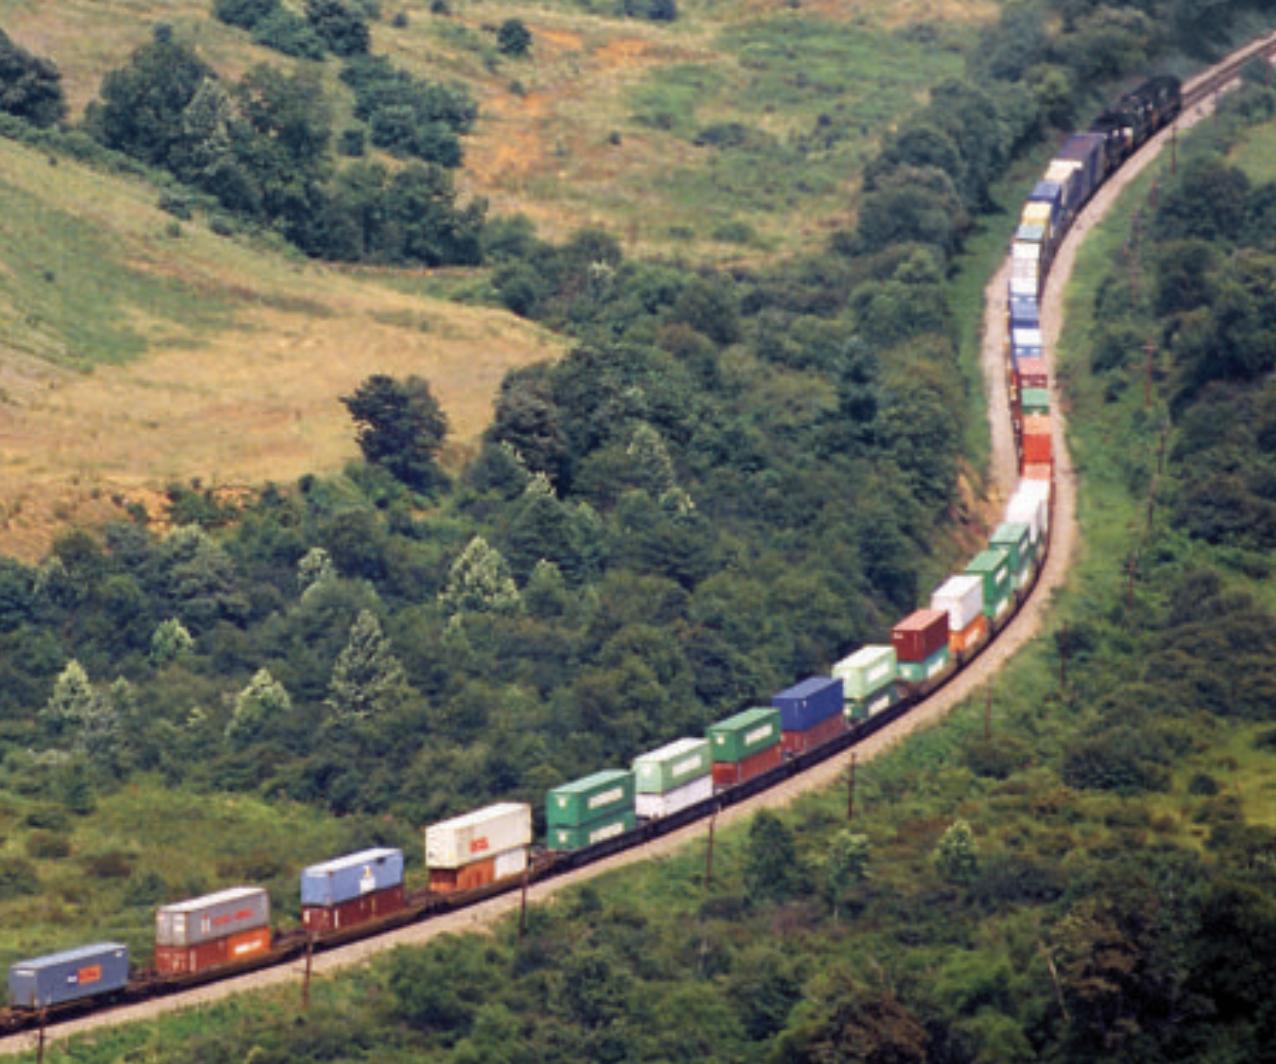 Railroad screen shot 2021 05 26 at 1.29.45 pm